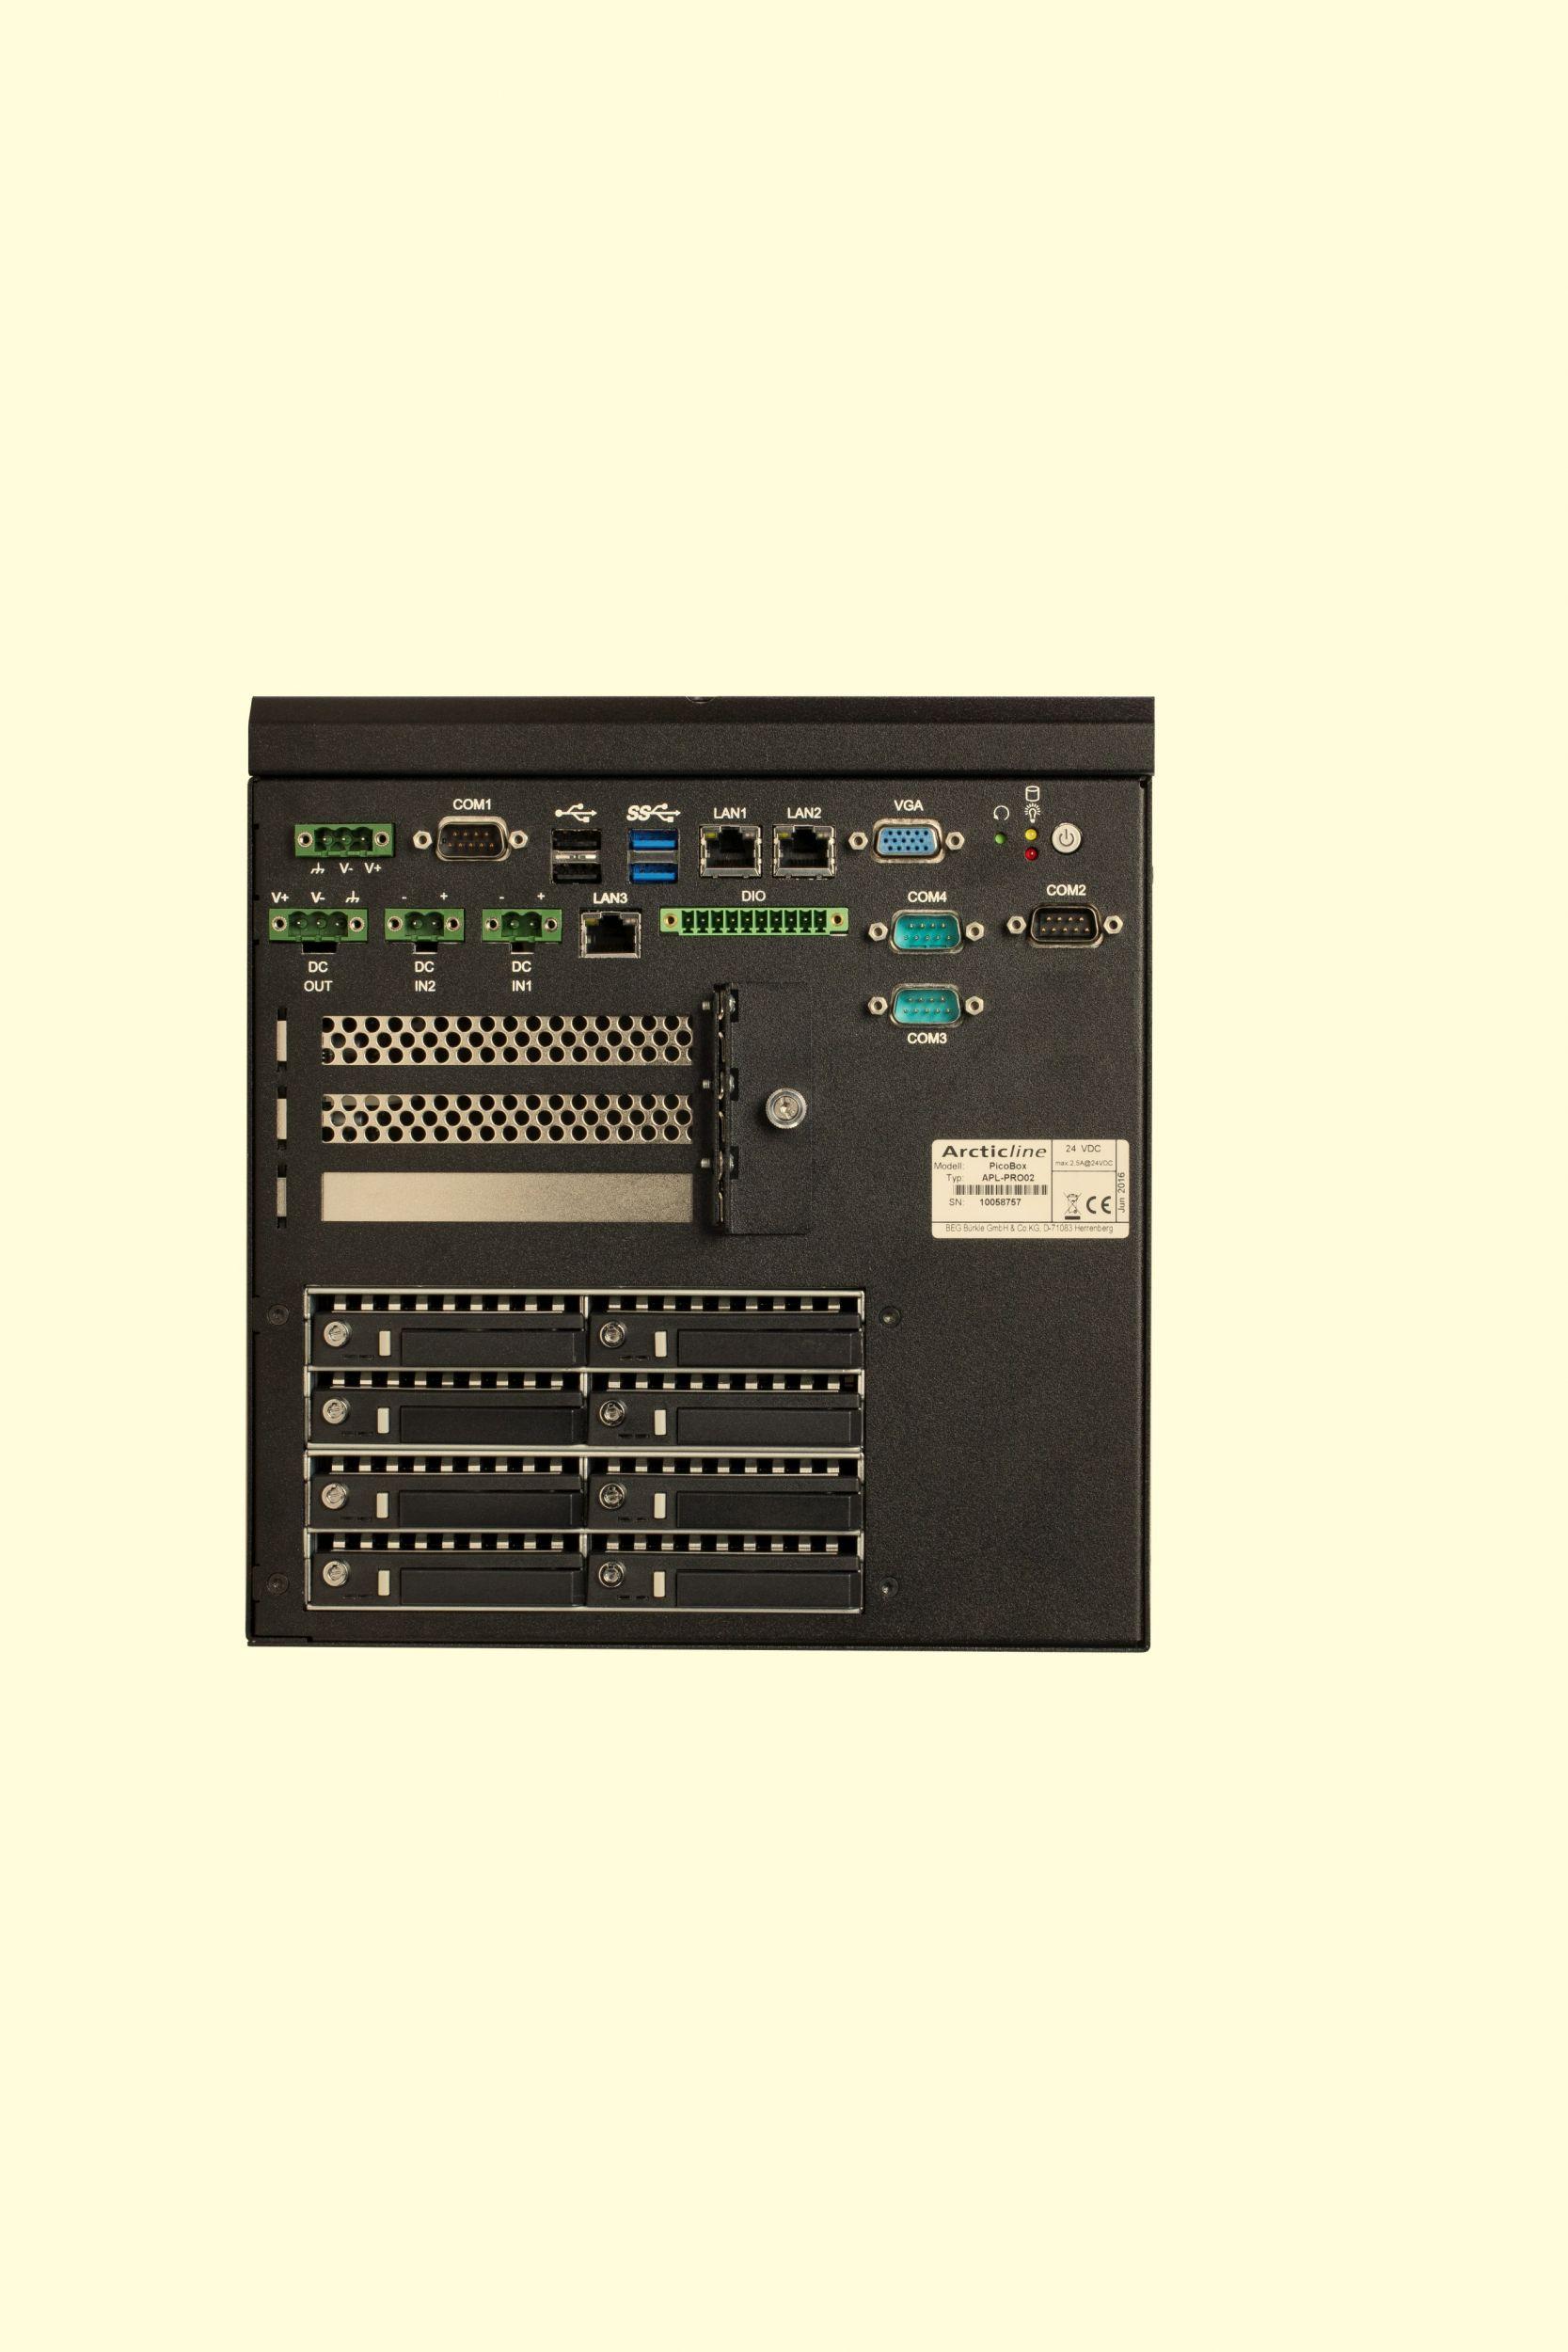 Power-NAS-Rechner mit Intel i5-Prozessor